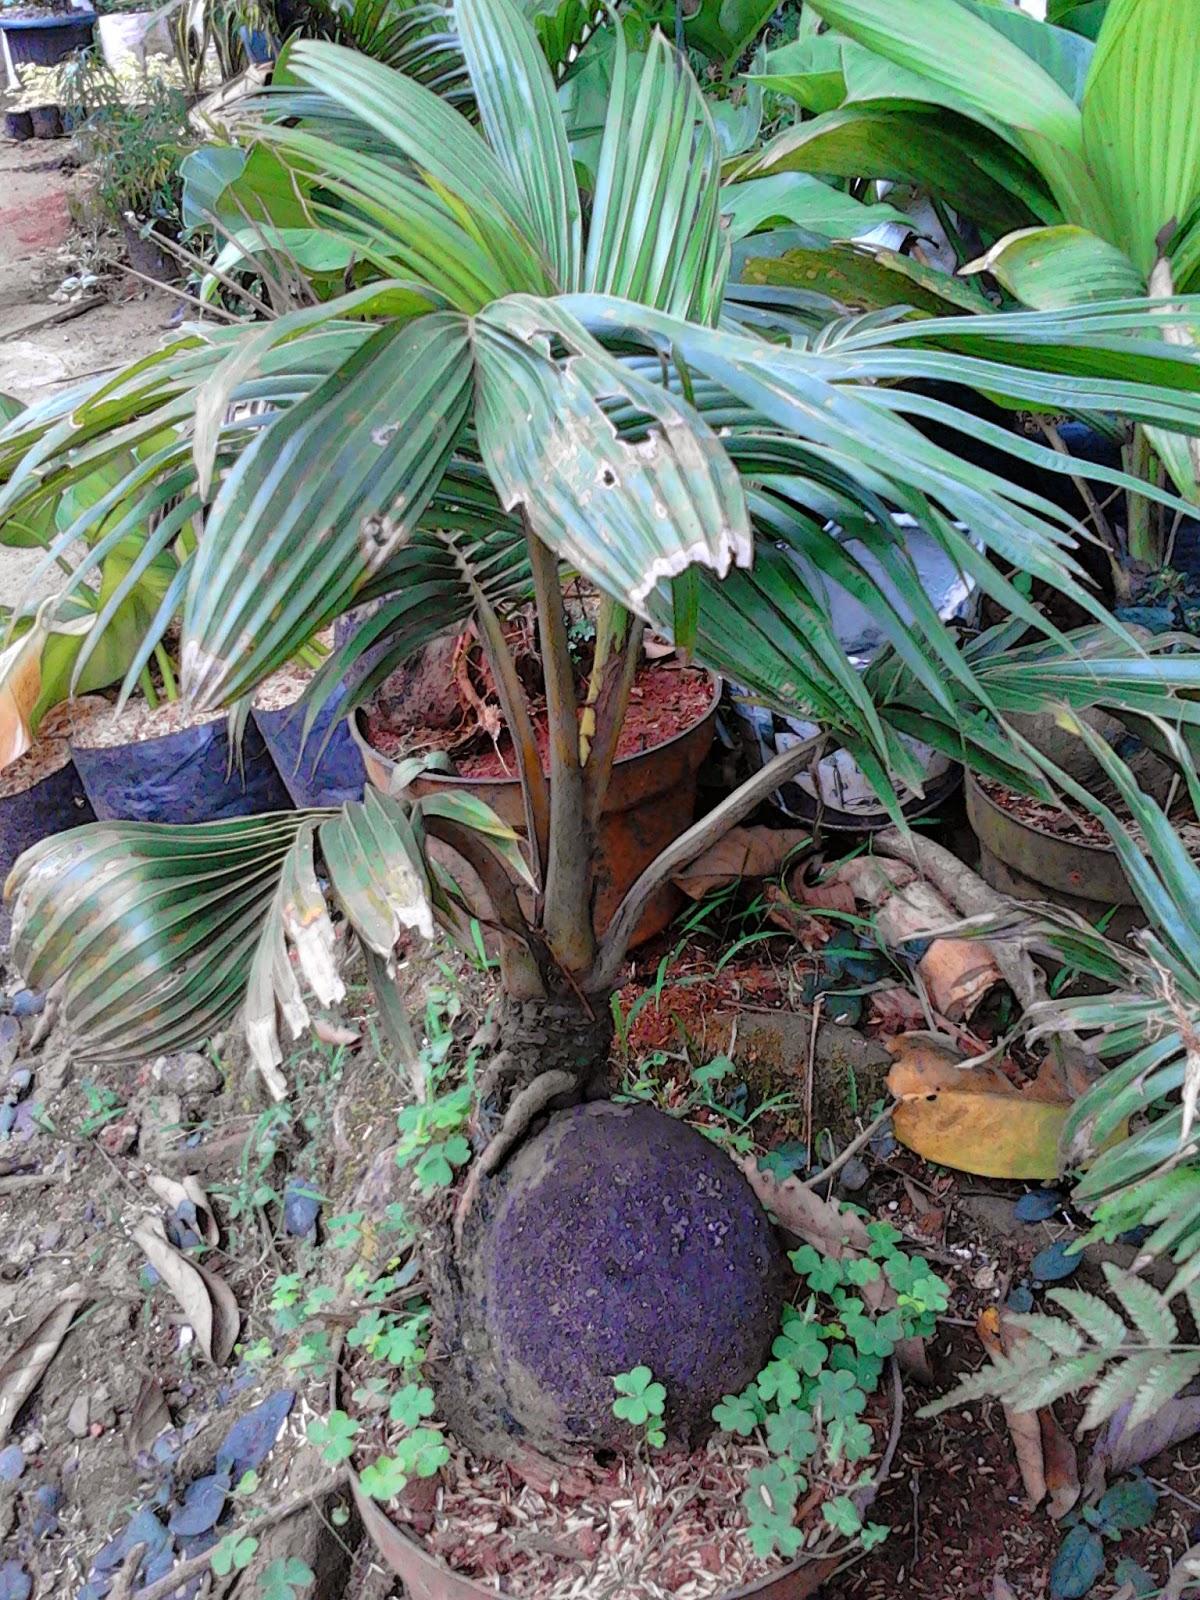 Jual bonsai kelapa | miniatur pohon kelapa | suplier tanaman | tanaman hias | jasa desain taman